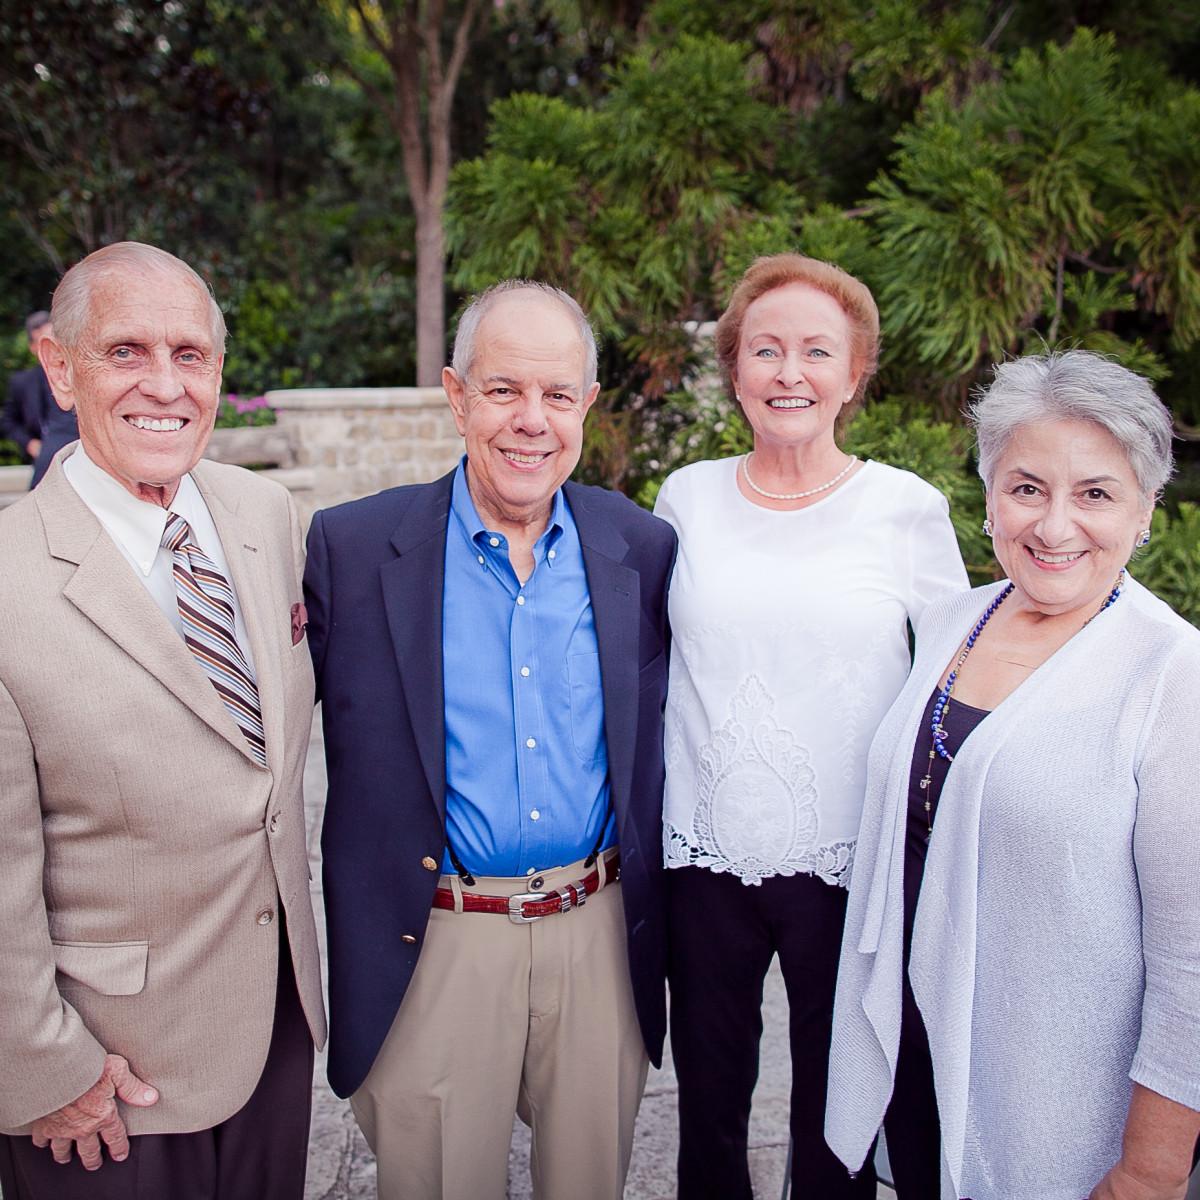 Houston, Robert Draper book signing, September 2015, Ronnie Glauser, Dr. Charles De John, Beverly McCoy and Tanya De John